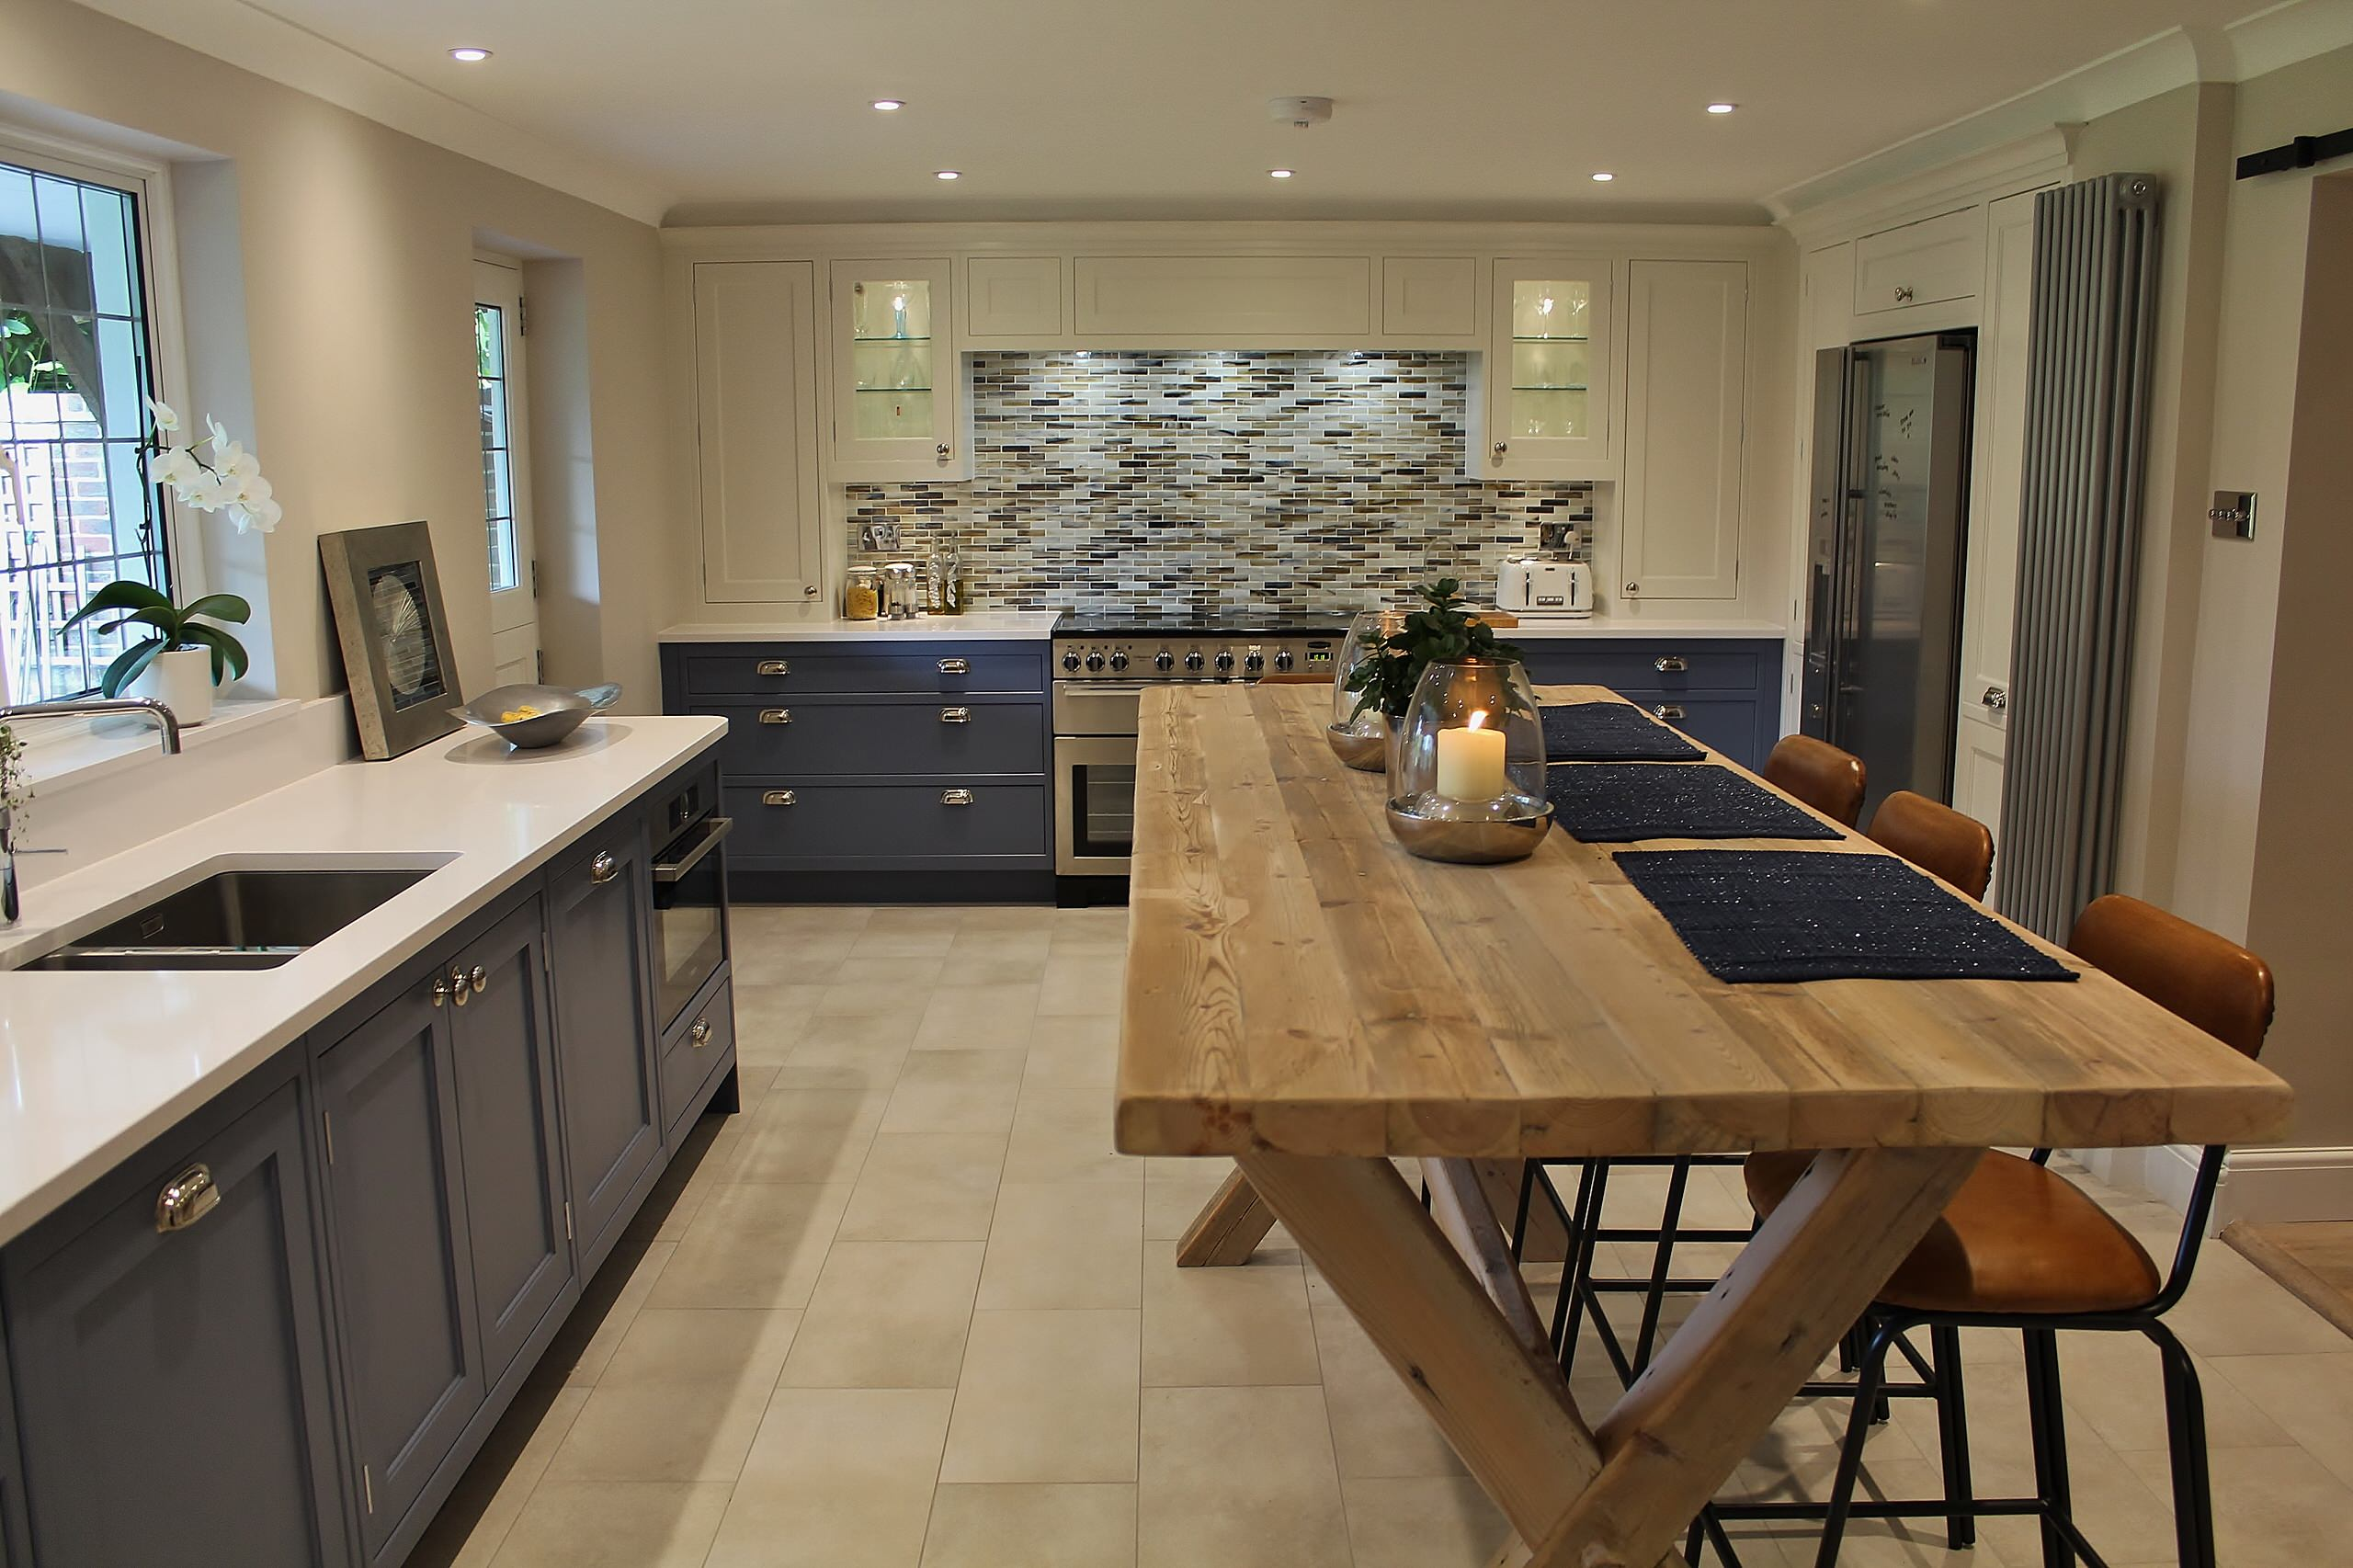 Chiselhurst Kitchen Diner